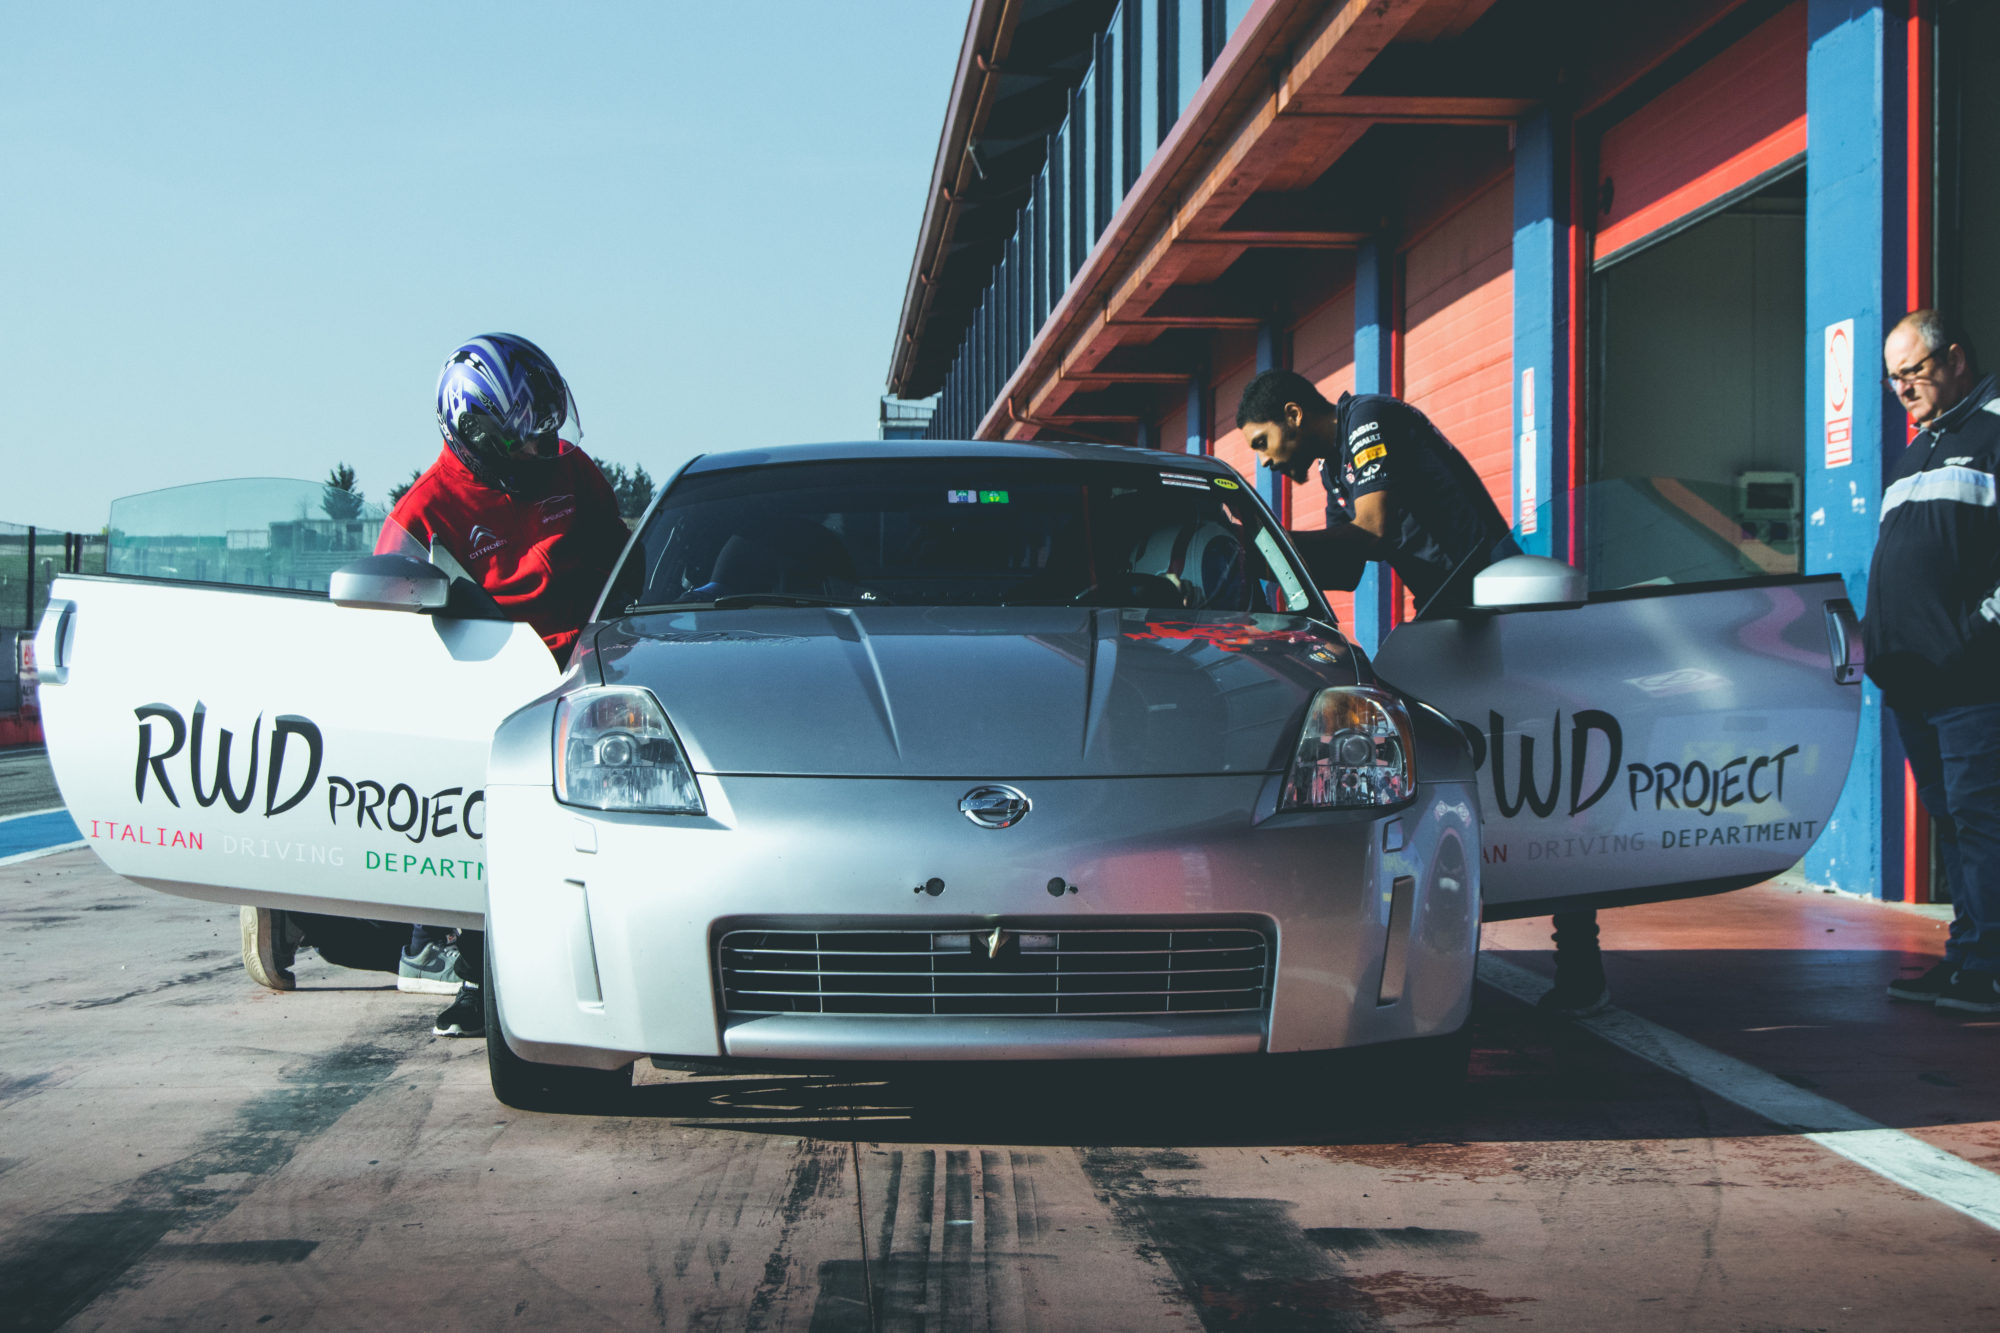 Ho guidato la 350Z di RWD Project, per imparare da un pilota Porsche!